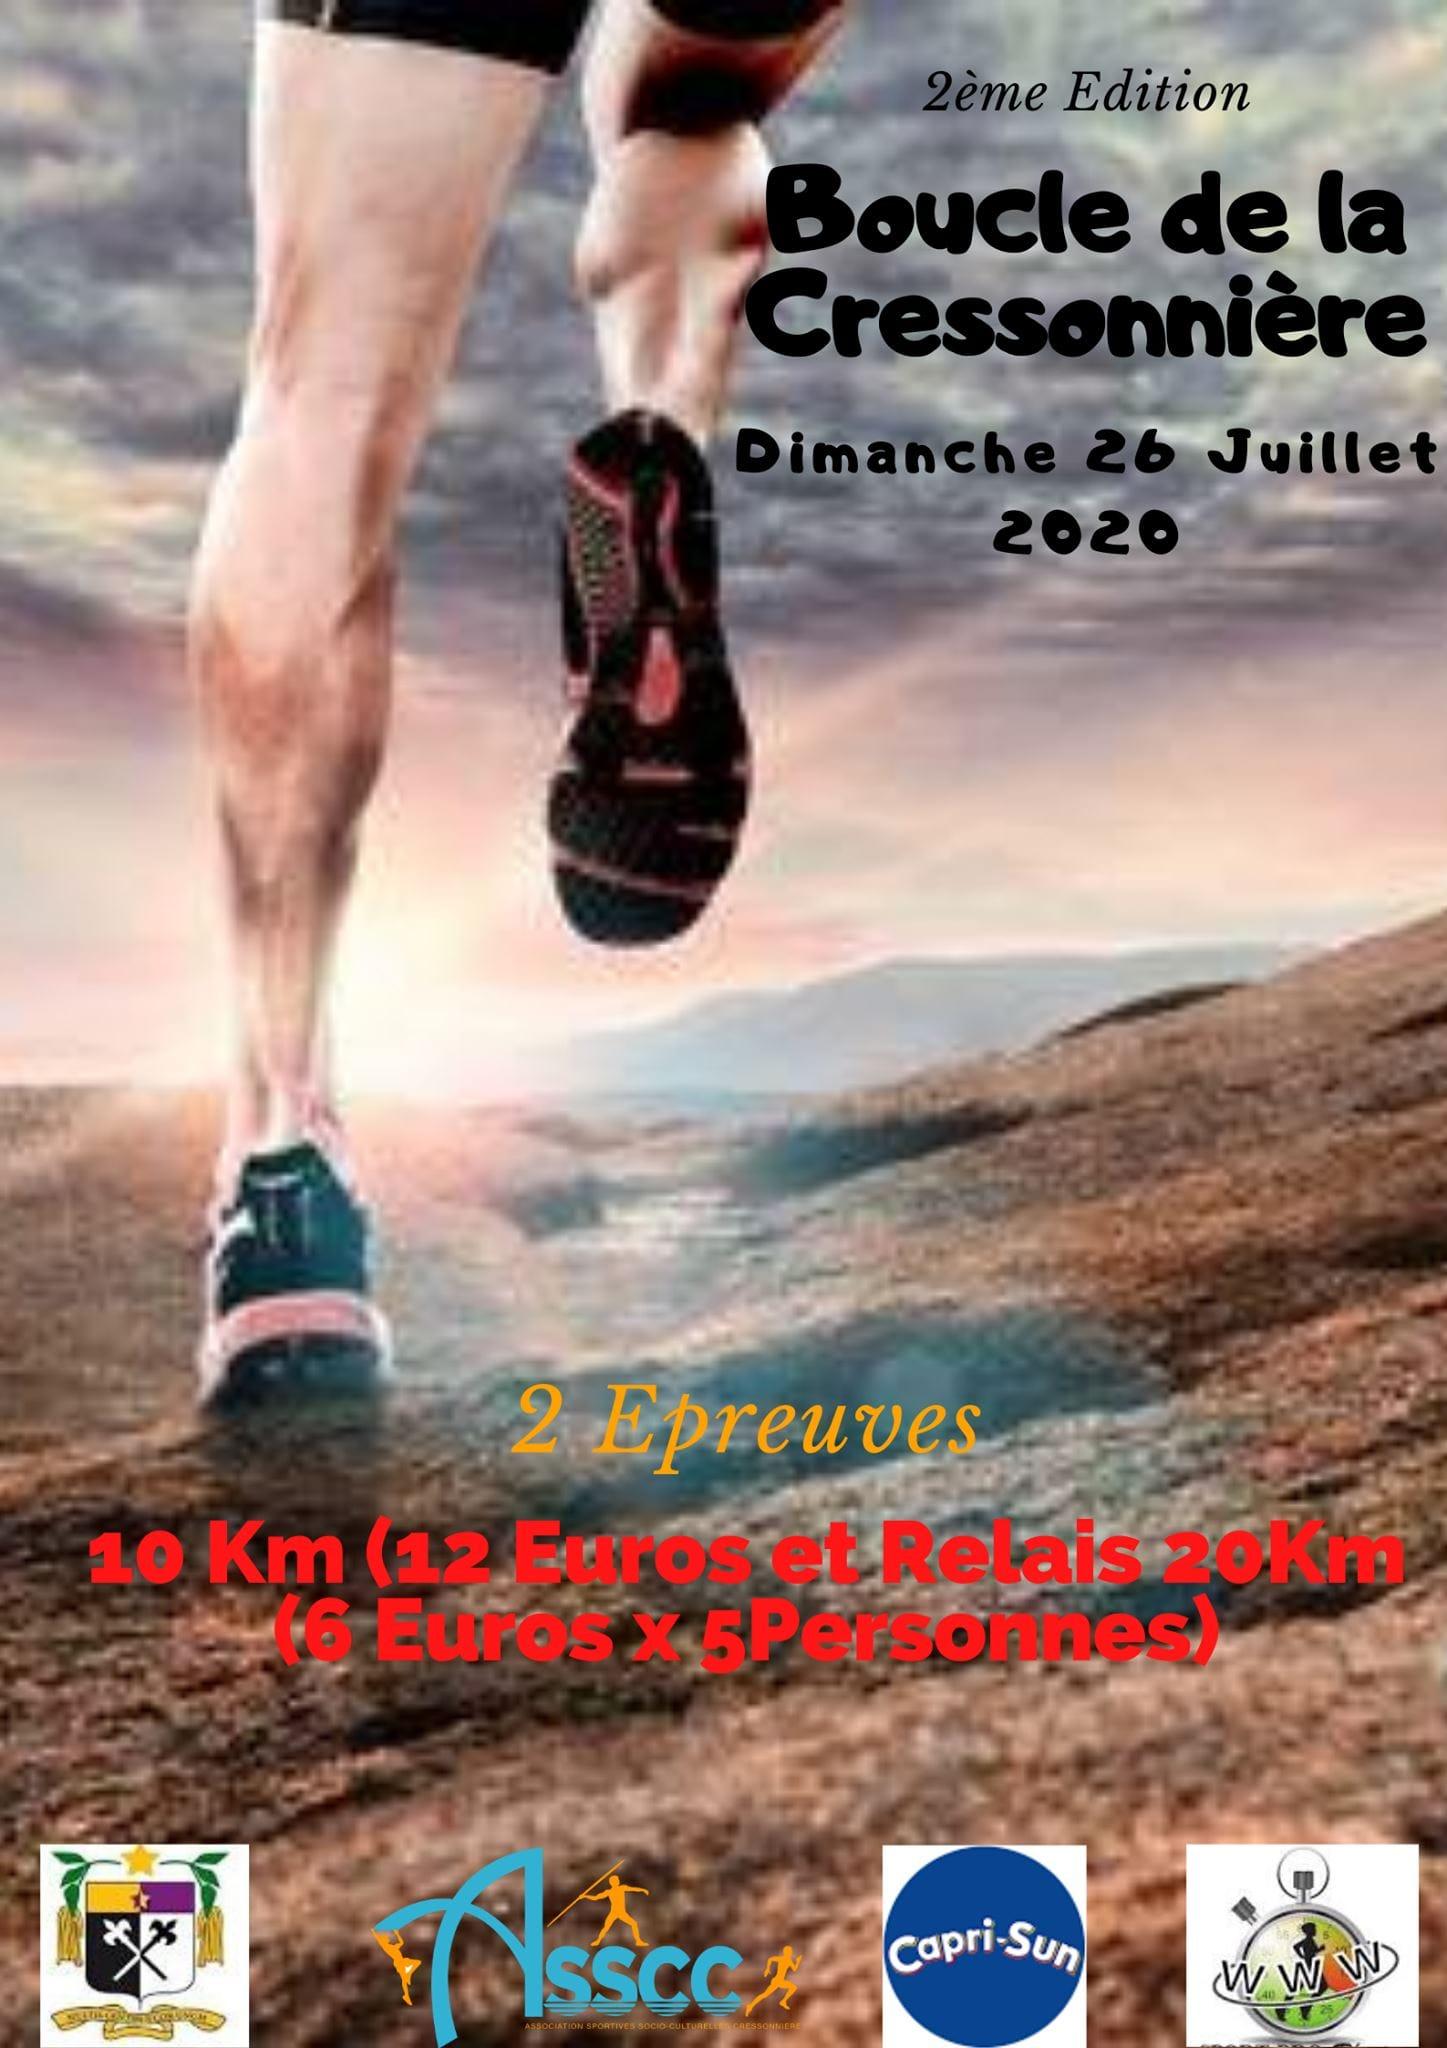 Affiche-Boucle-Cressonniere-2020